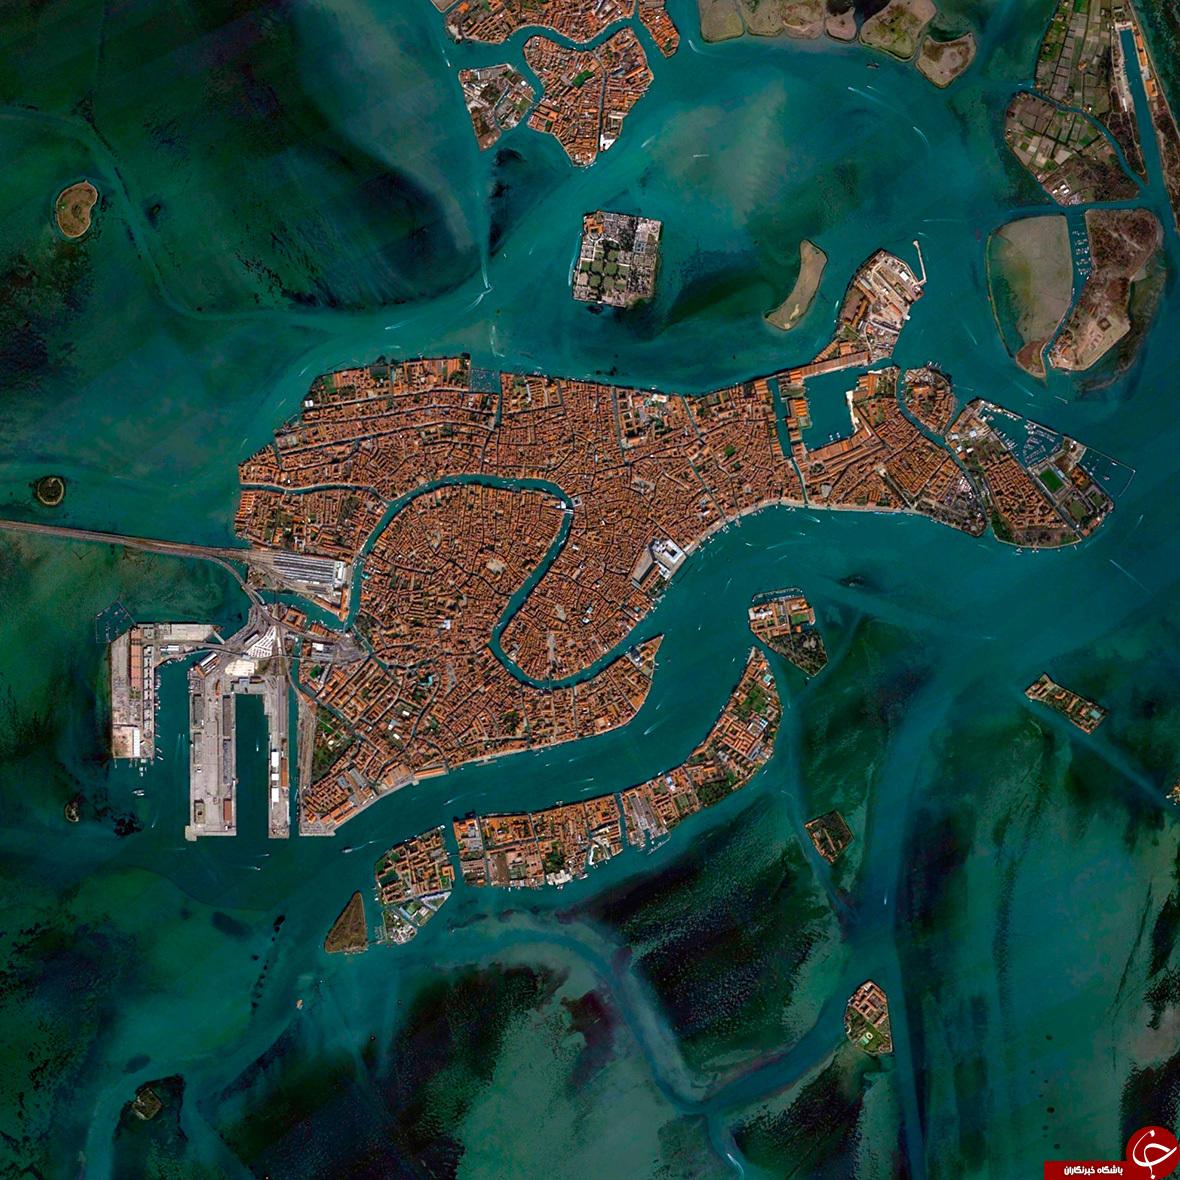 زمین به دست انسان اینگونه تغییر کرد + تصاویر هوایی